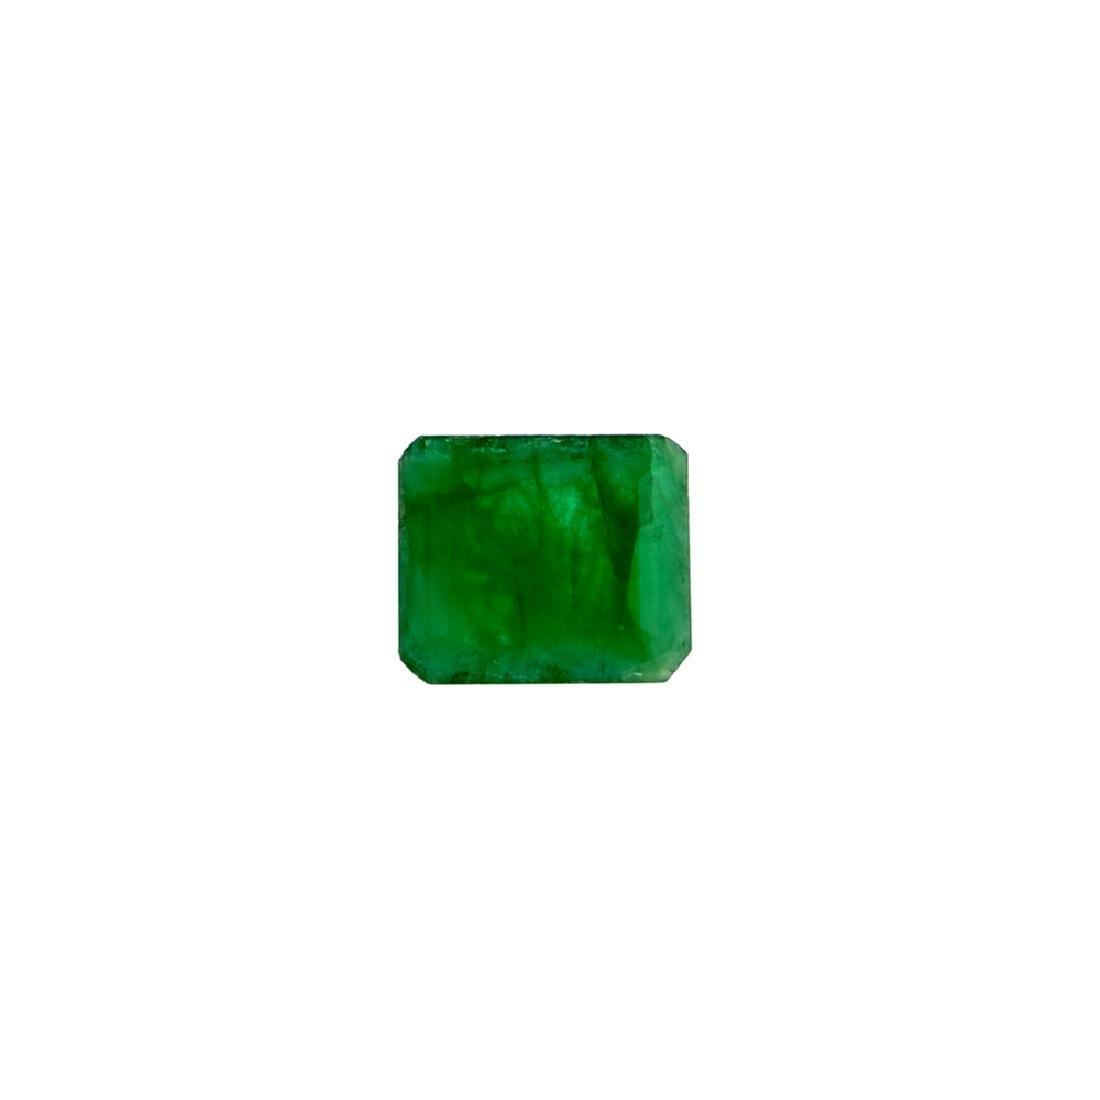 APP: 2k 2.64CT Rectangular Step Cut Green Emerald